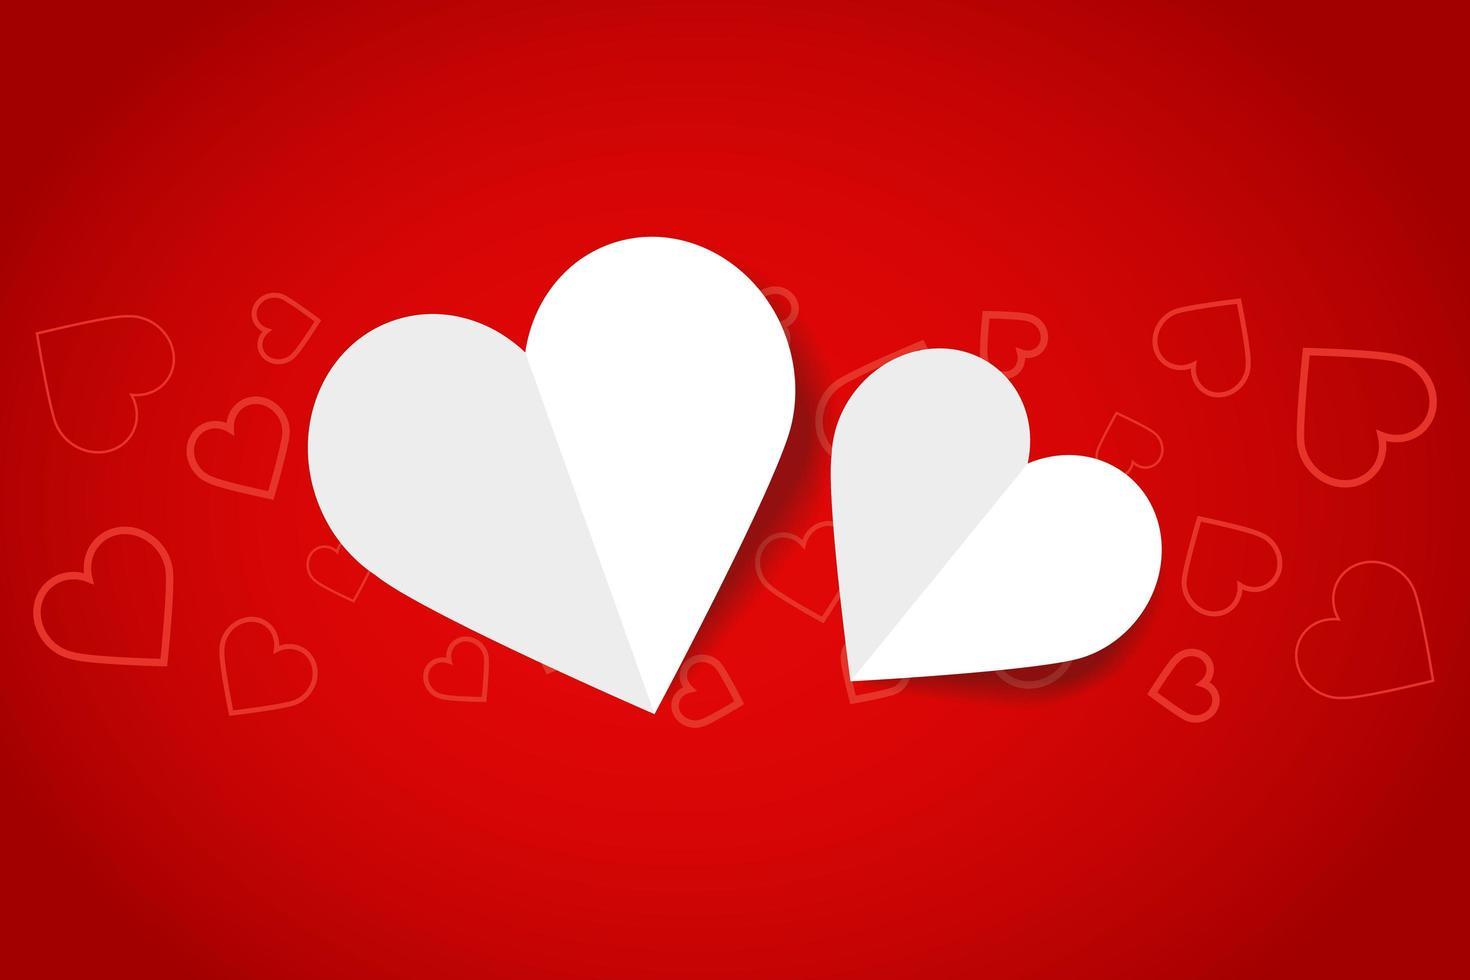 cuori di carta sul gradiente rosso con motivo a cuore vettore